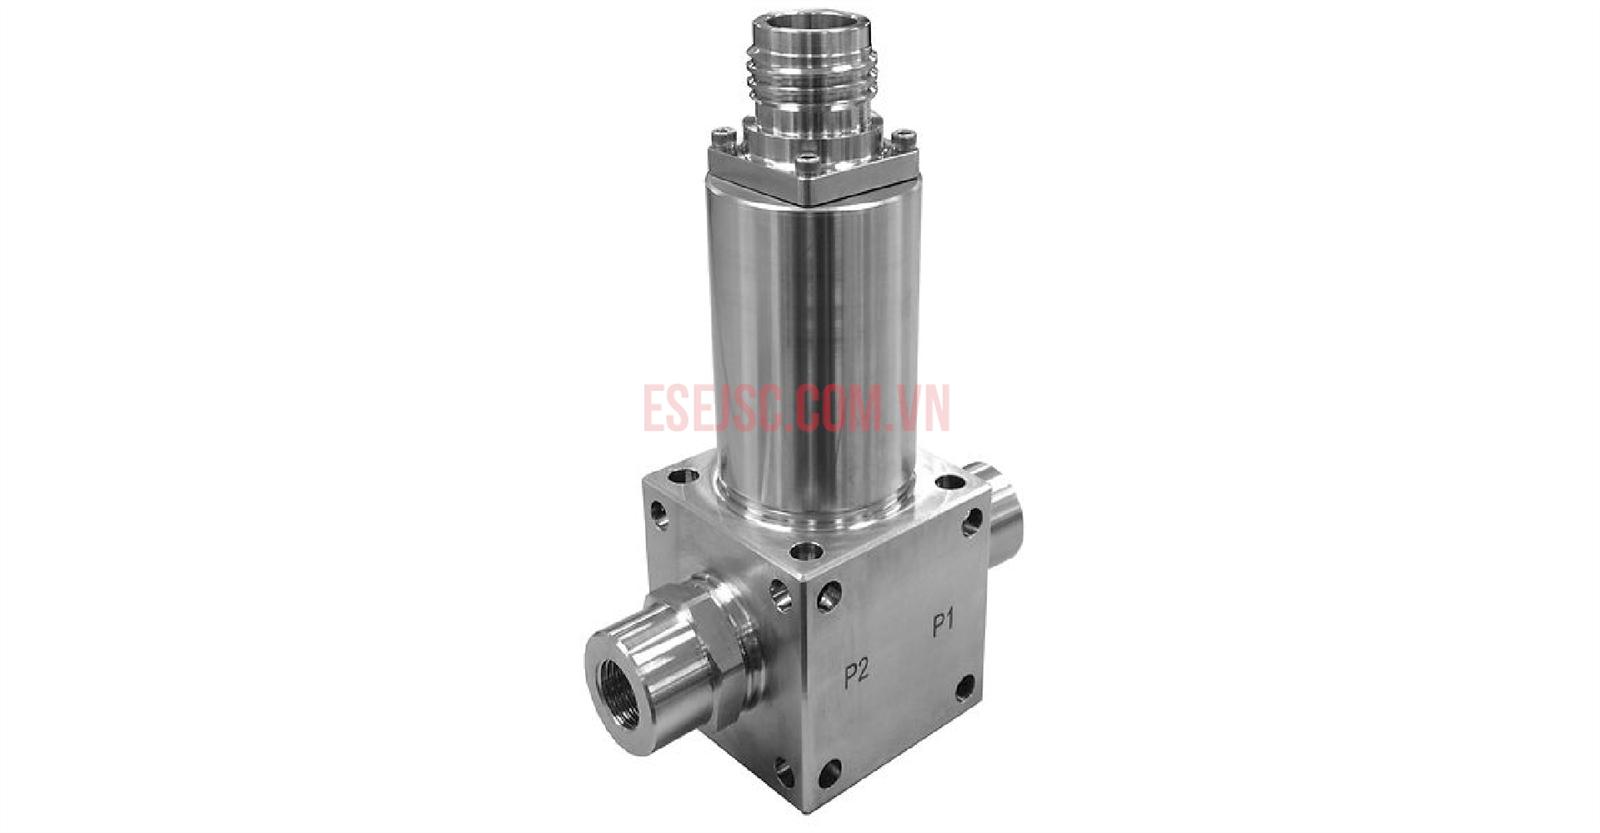 Bộ chuyển đổi tín hiệu áp suất và nhiệt độ Paine ™ 226-30-0020